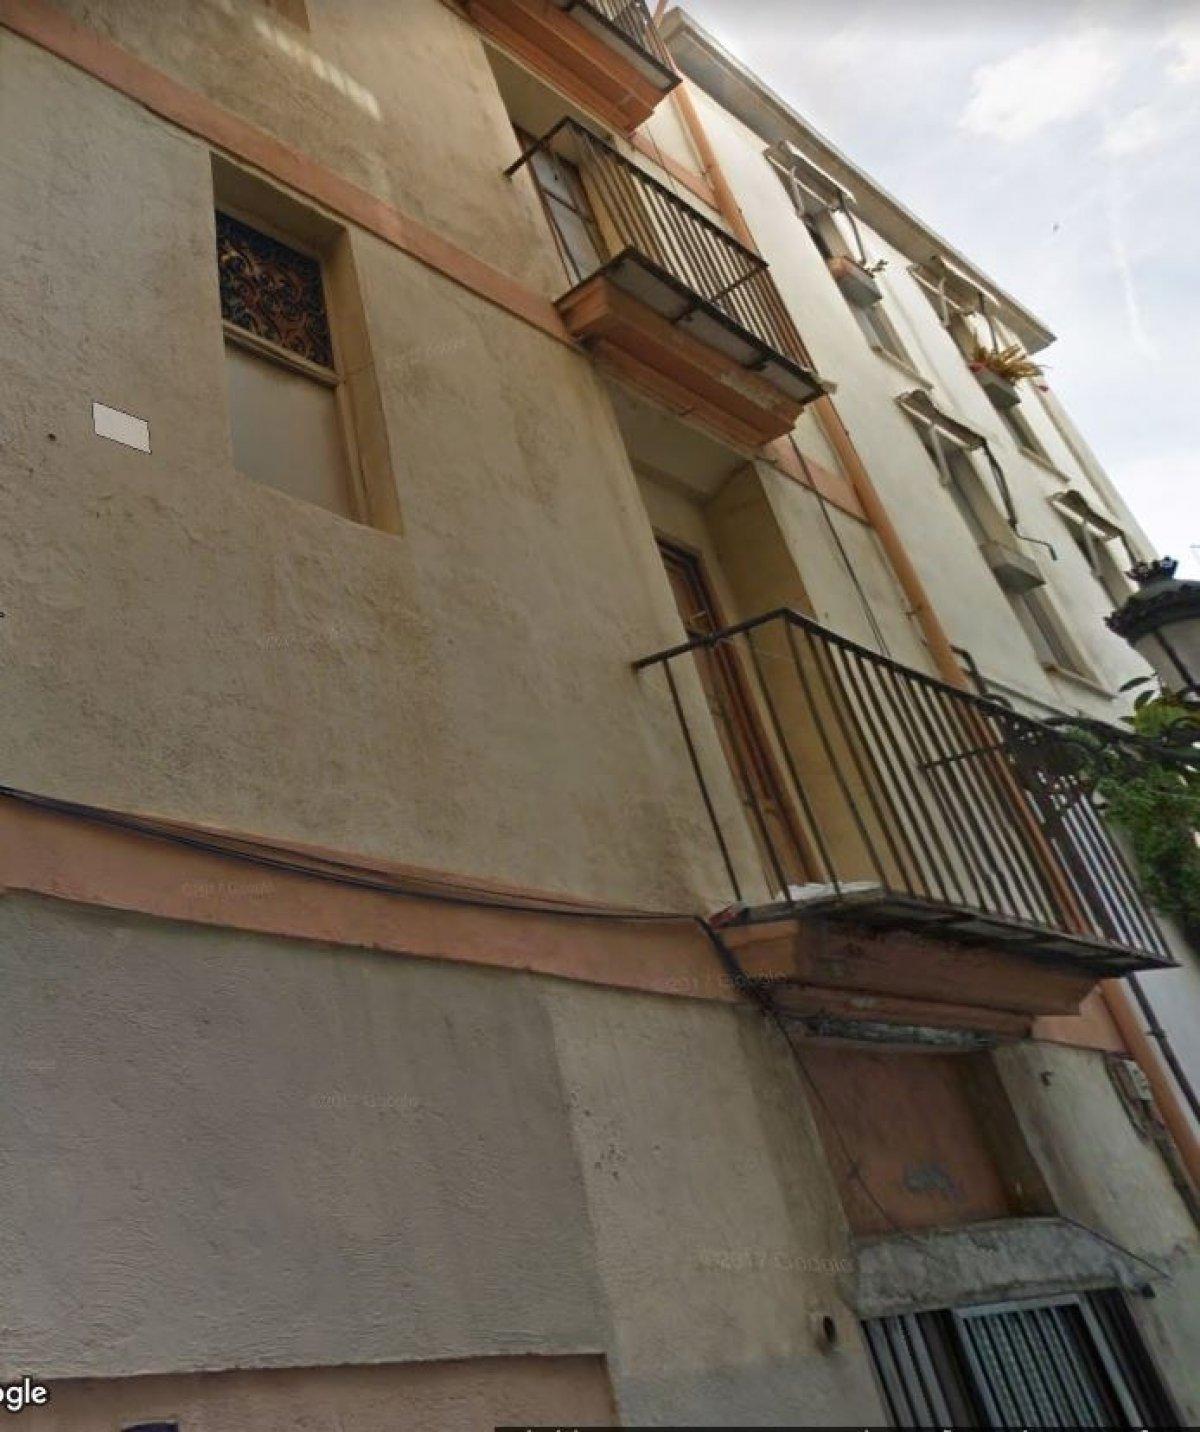 Casa  Valencia ,el carme. Casa en venta zona el carmen valencia